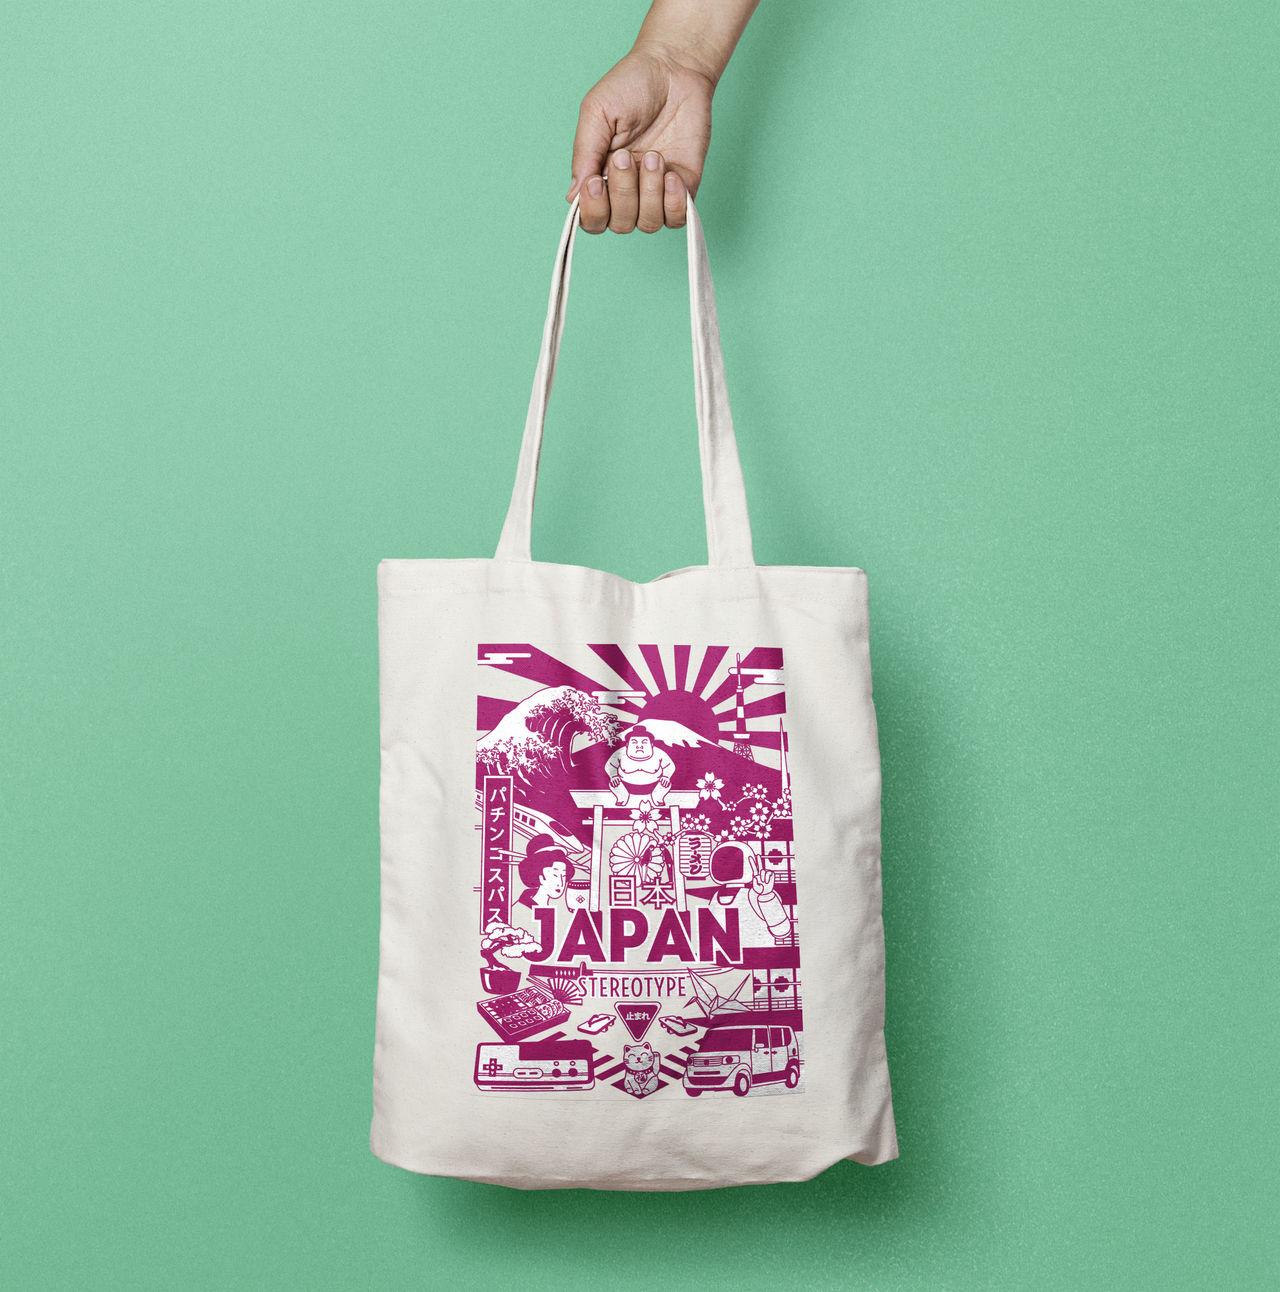 Totebag Japan Stereotype